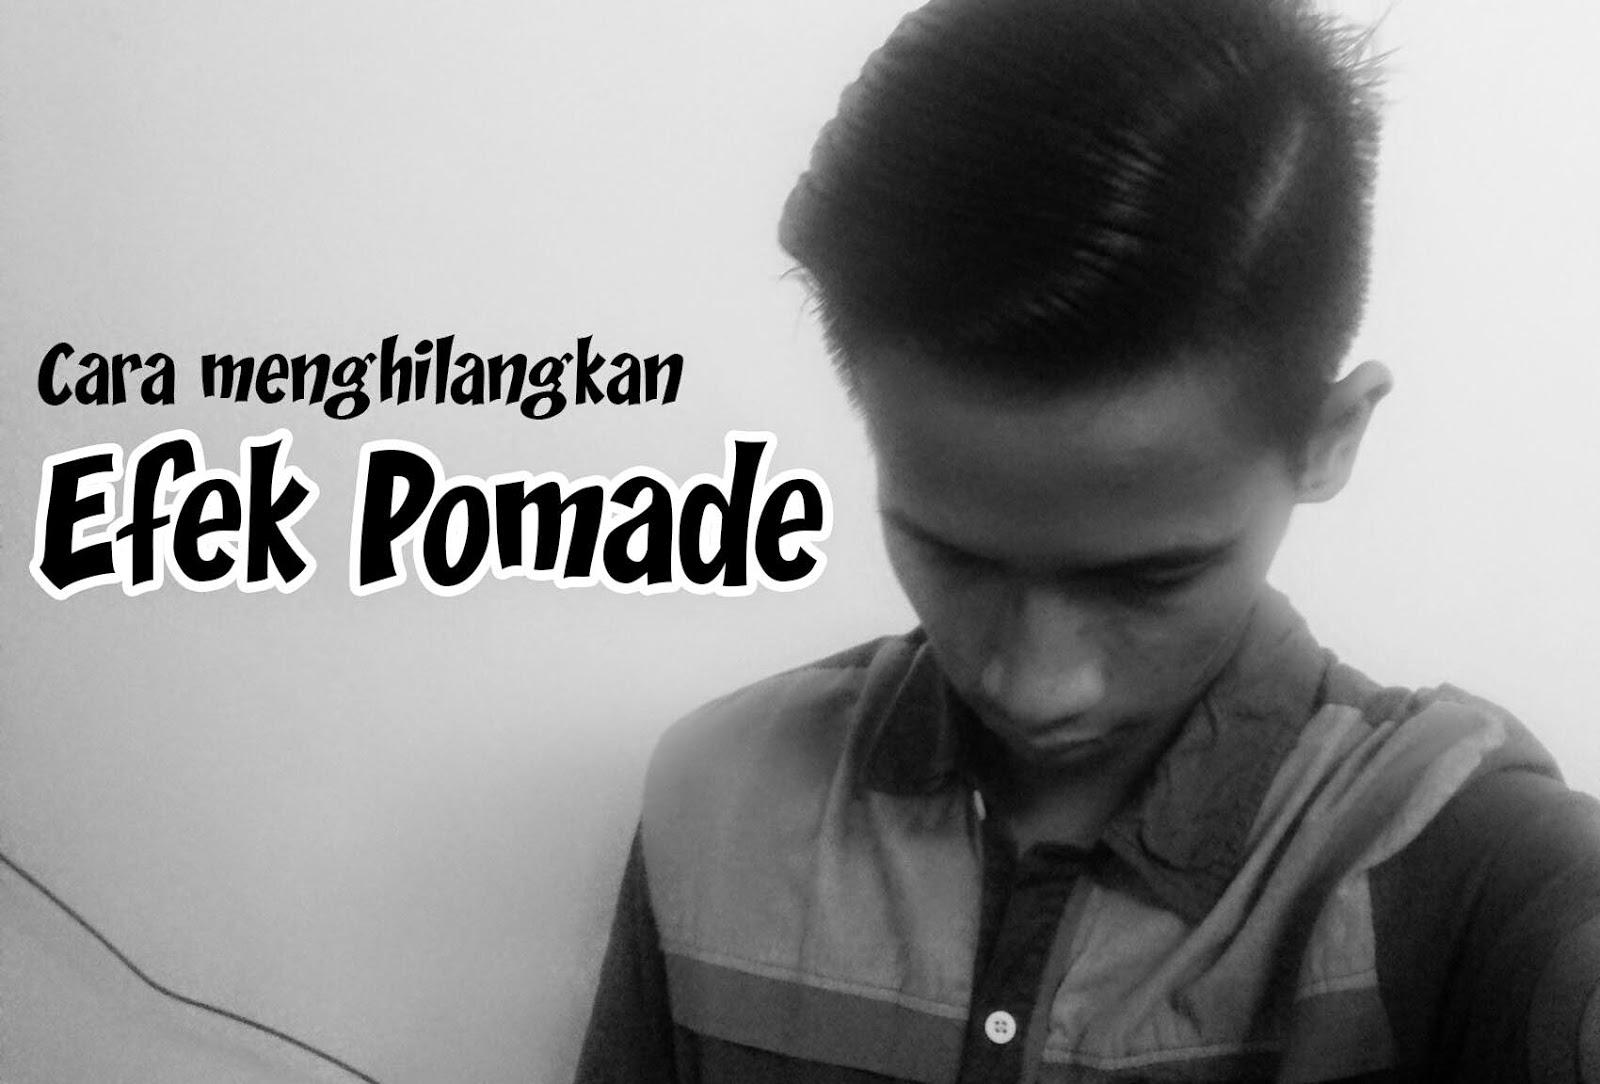 Cara Membersihkan Rambut dari Efek Pomade